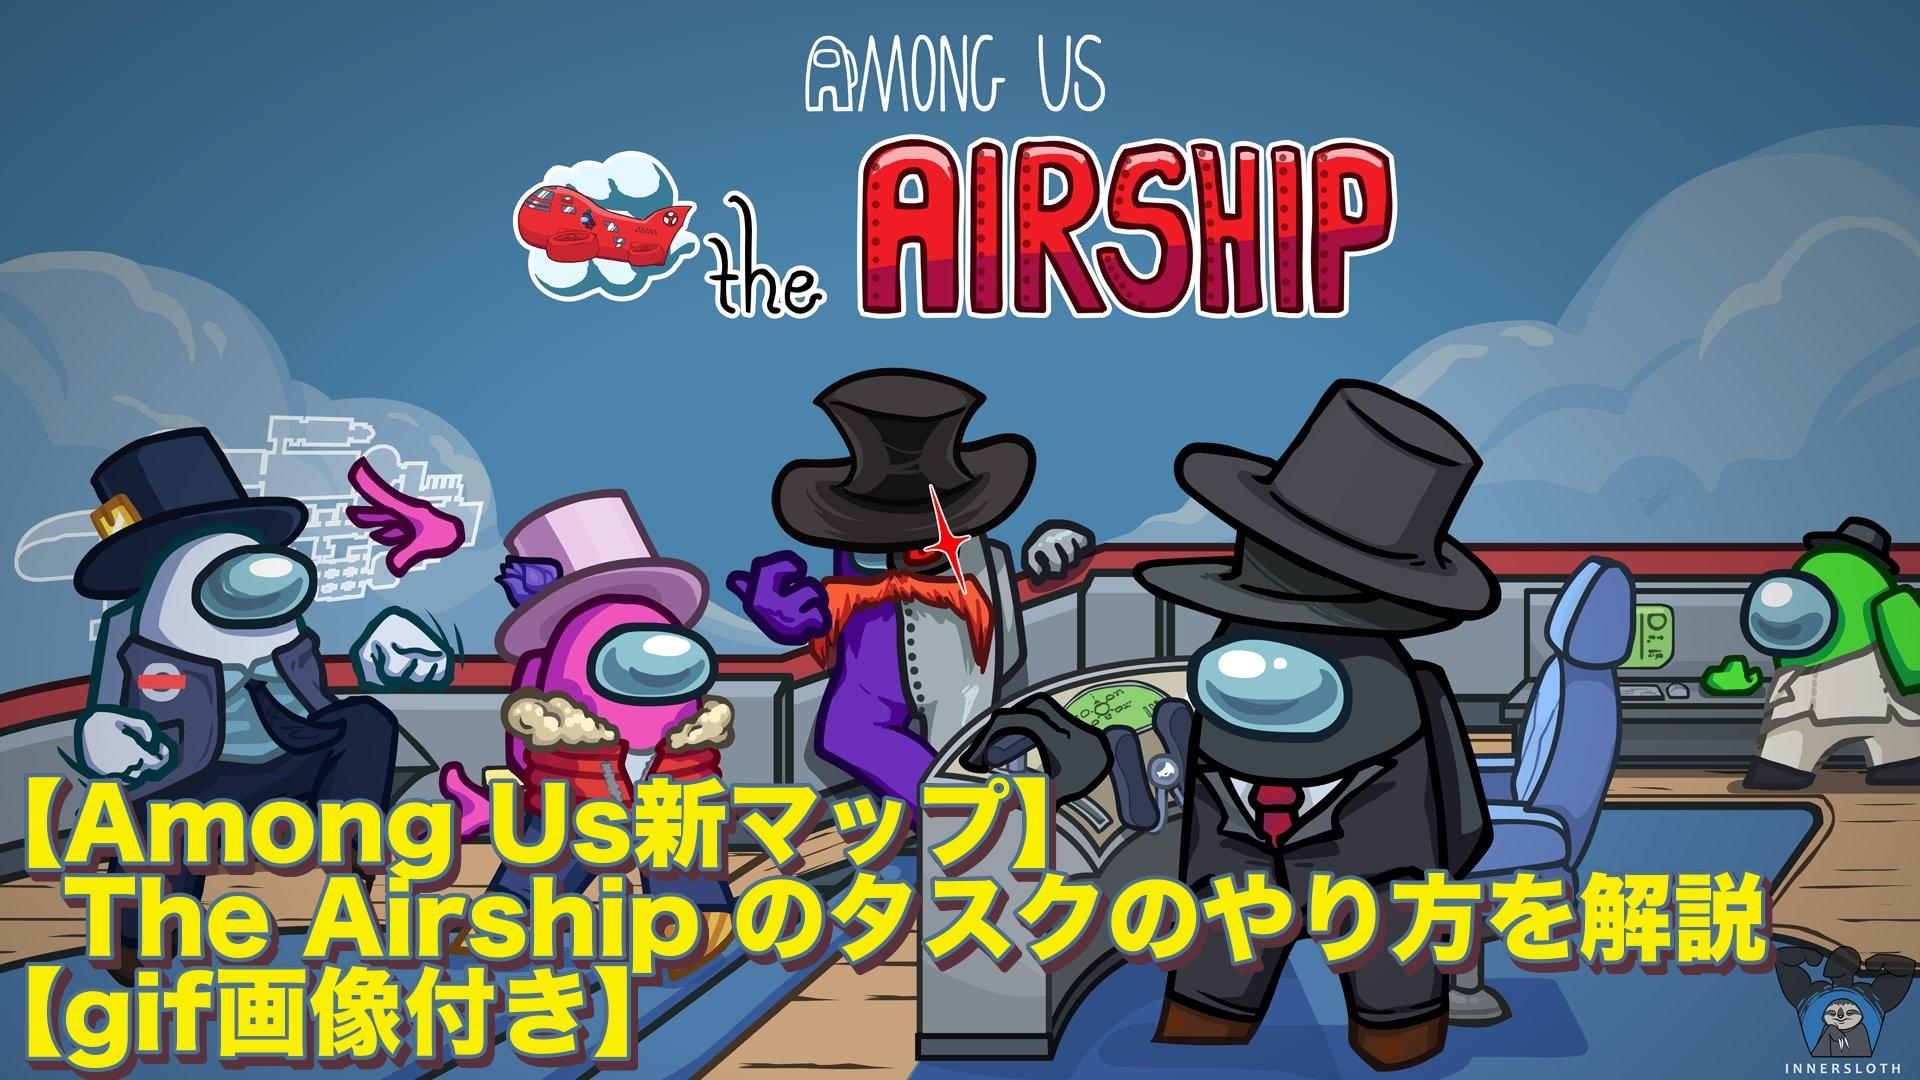 【Among Us新マップ】The Airship のタスクのやり方を解説【gif画像付き】